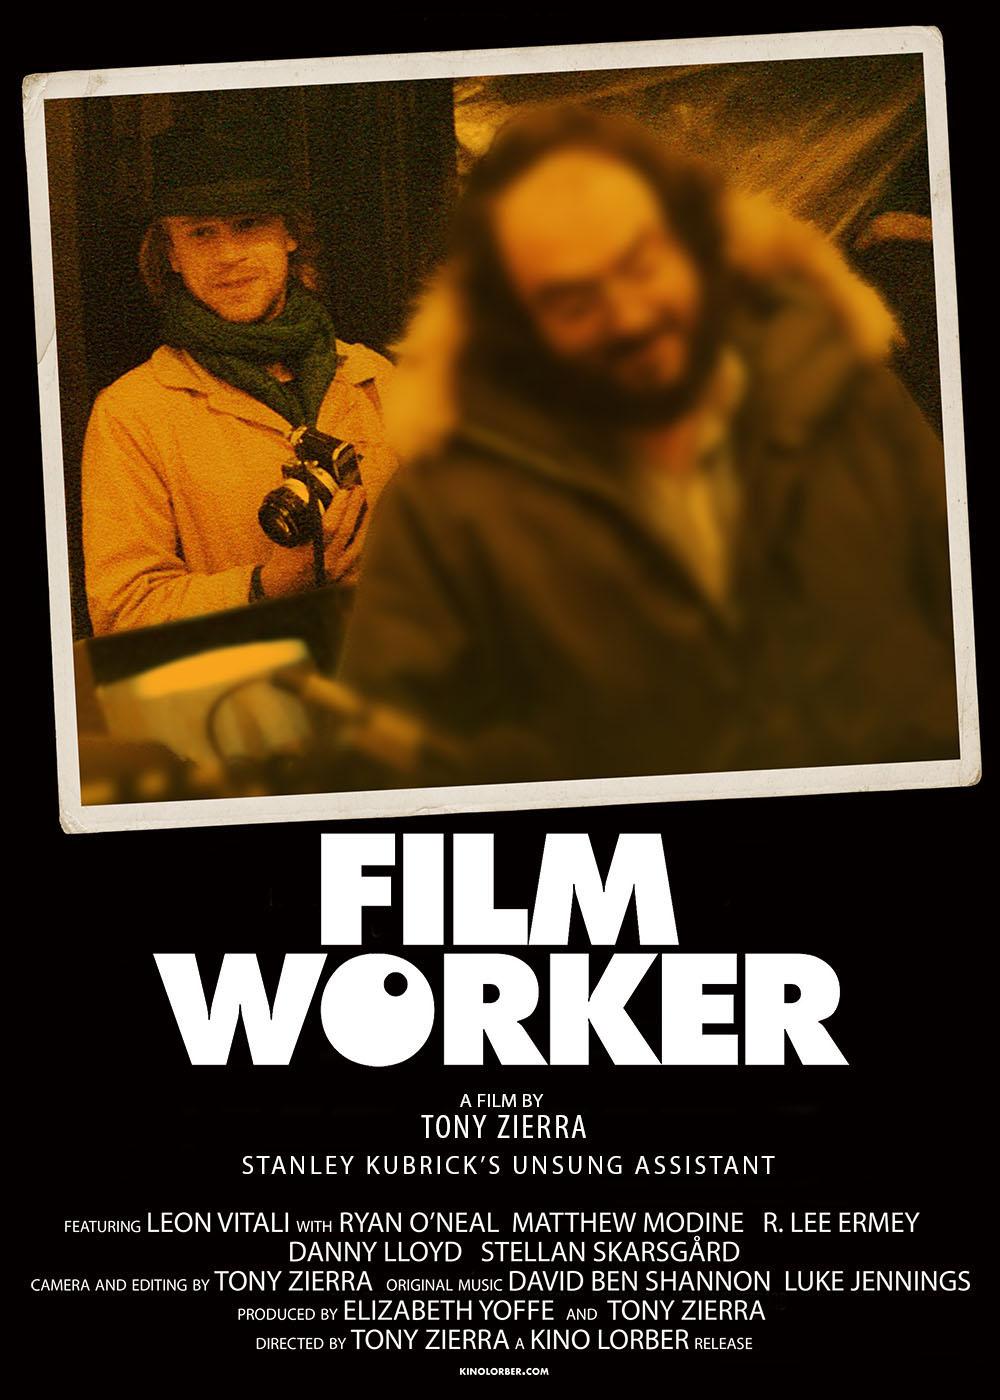 filmworker_poster.jpg